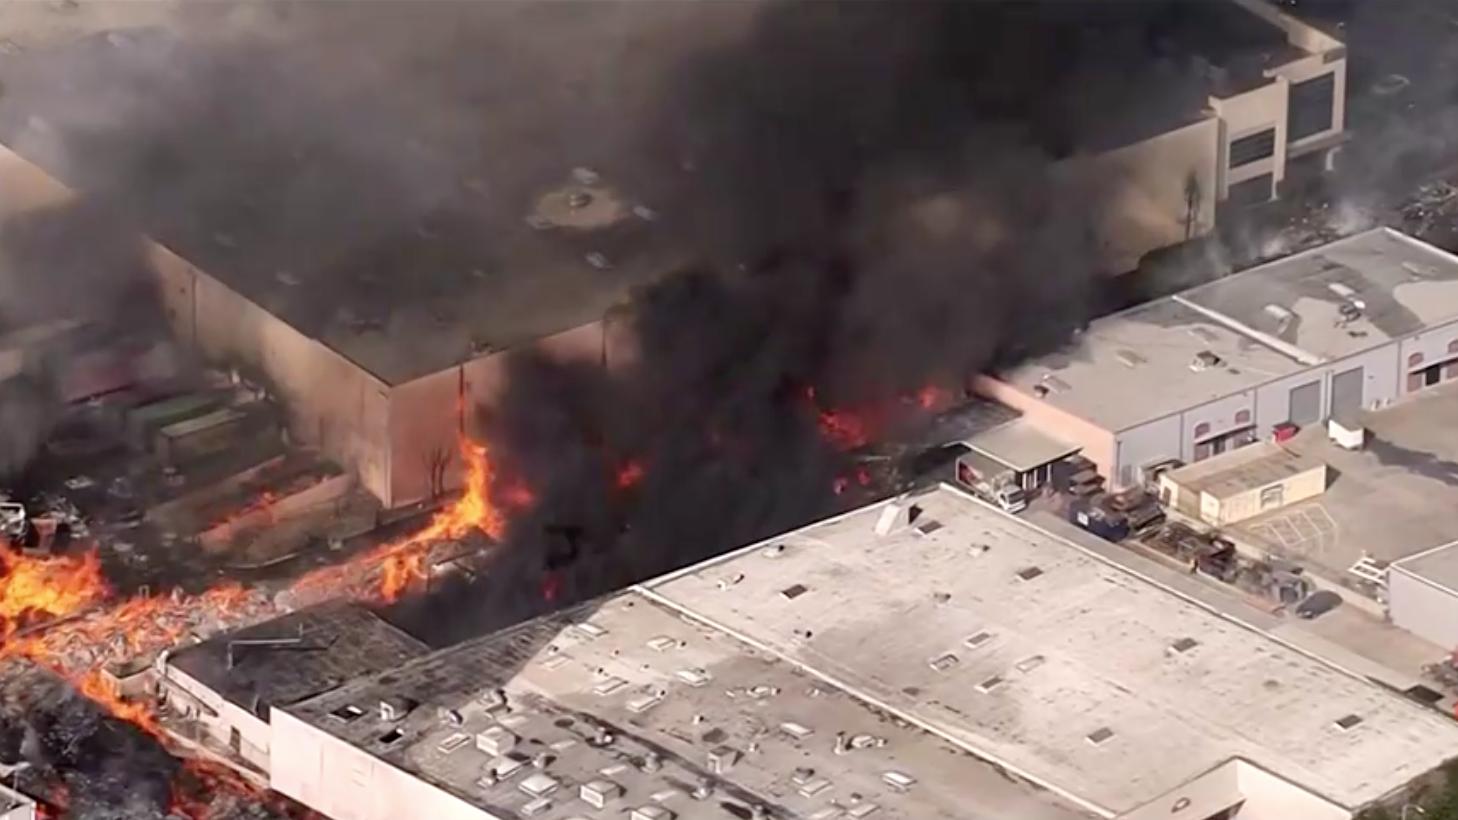 Một lính cứu hỏa bị thương khi dập tắt đám cháy tại một tòa nhà ở El Sereno